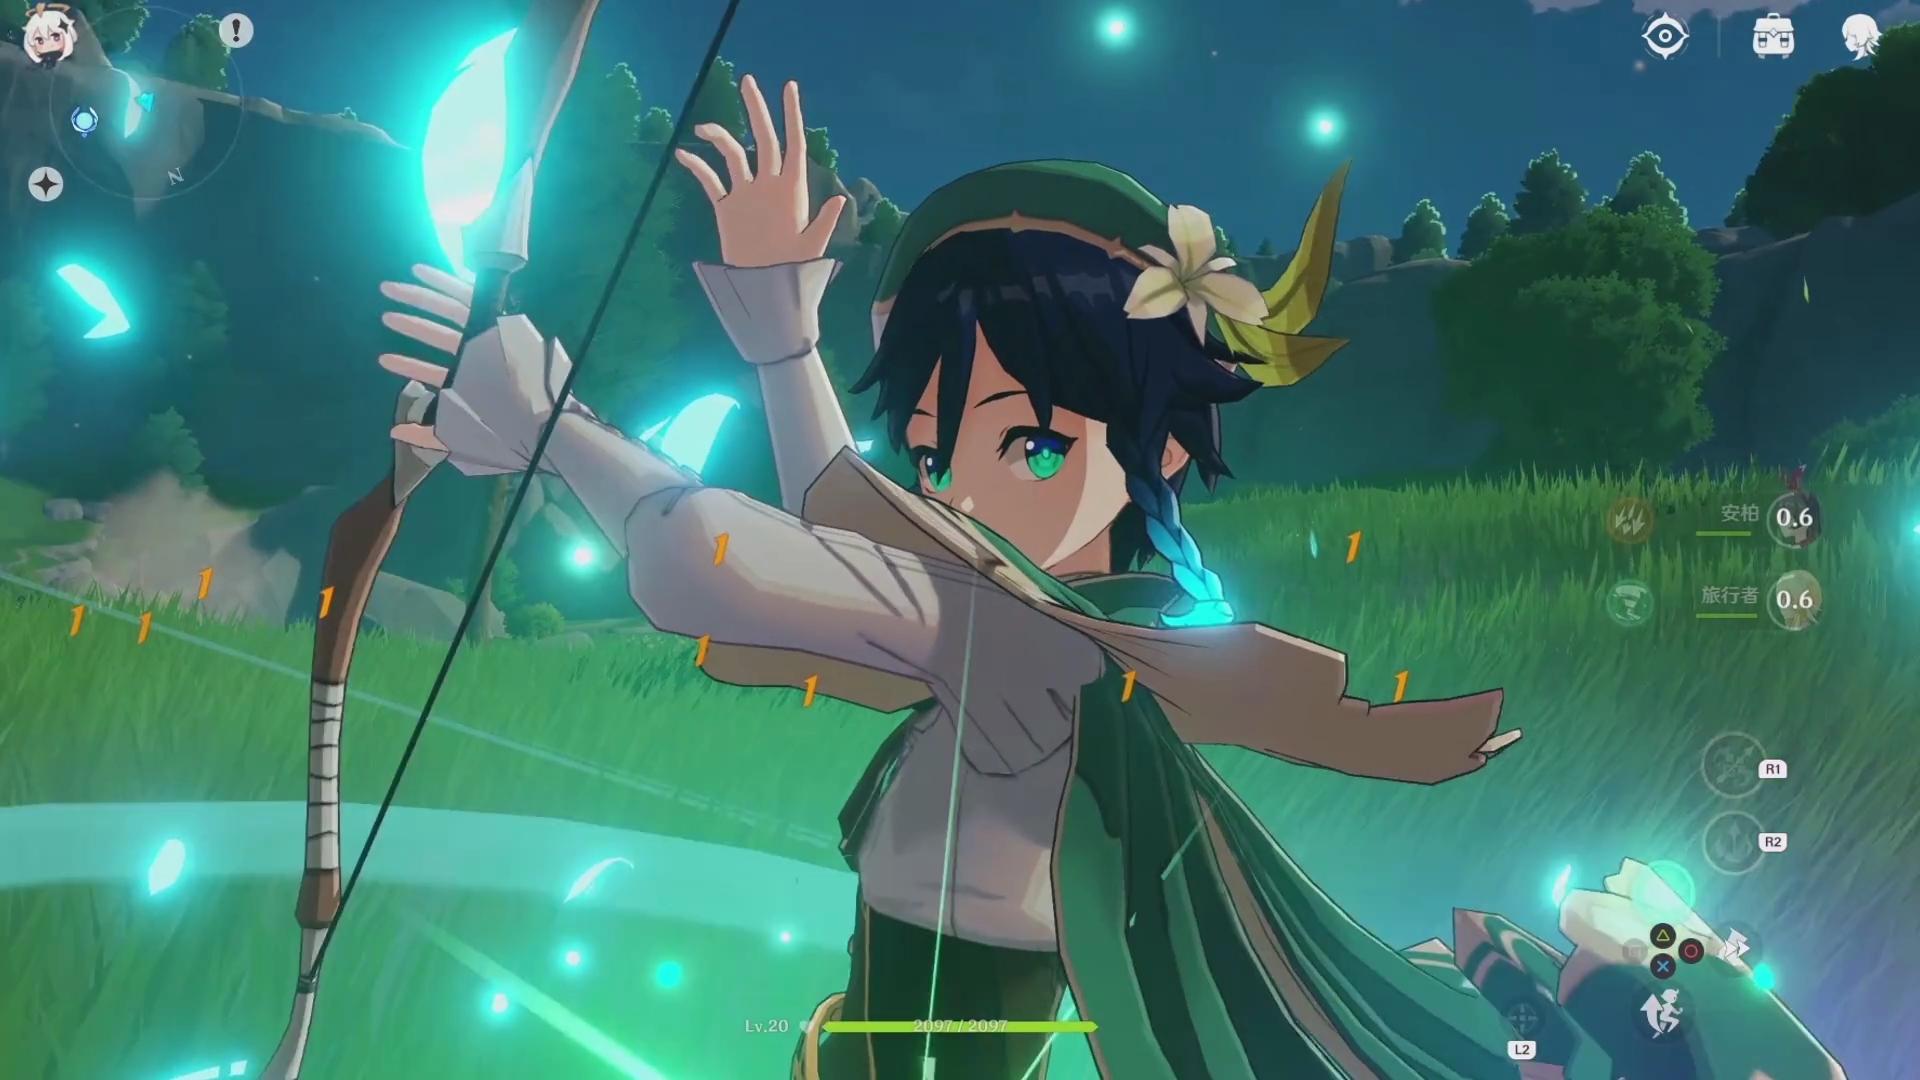 Genshin Impact Chinesisches Action Rpg Sorgt Mit Zelda